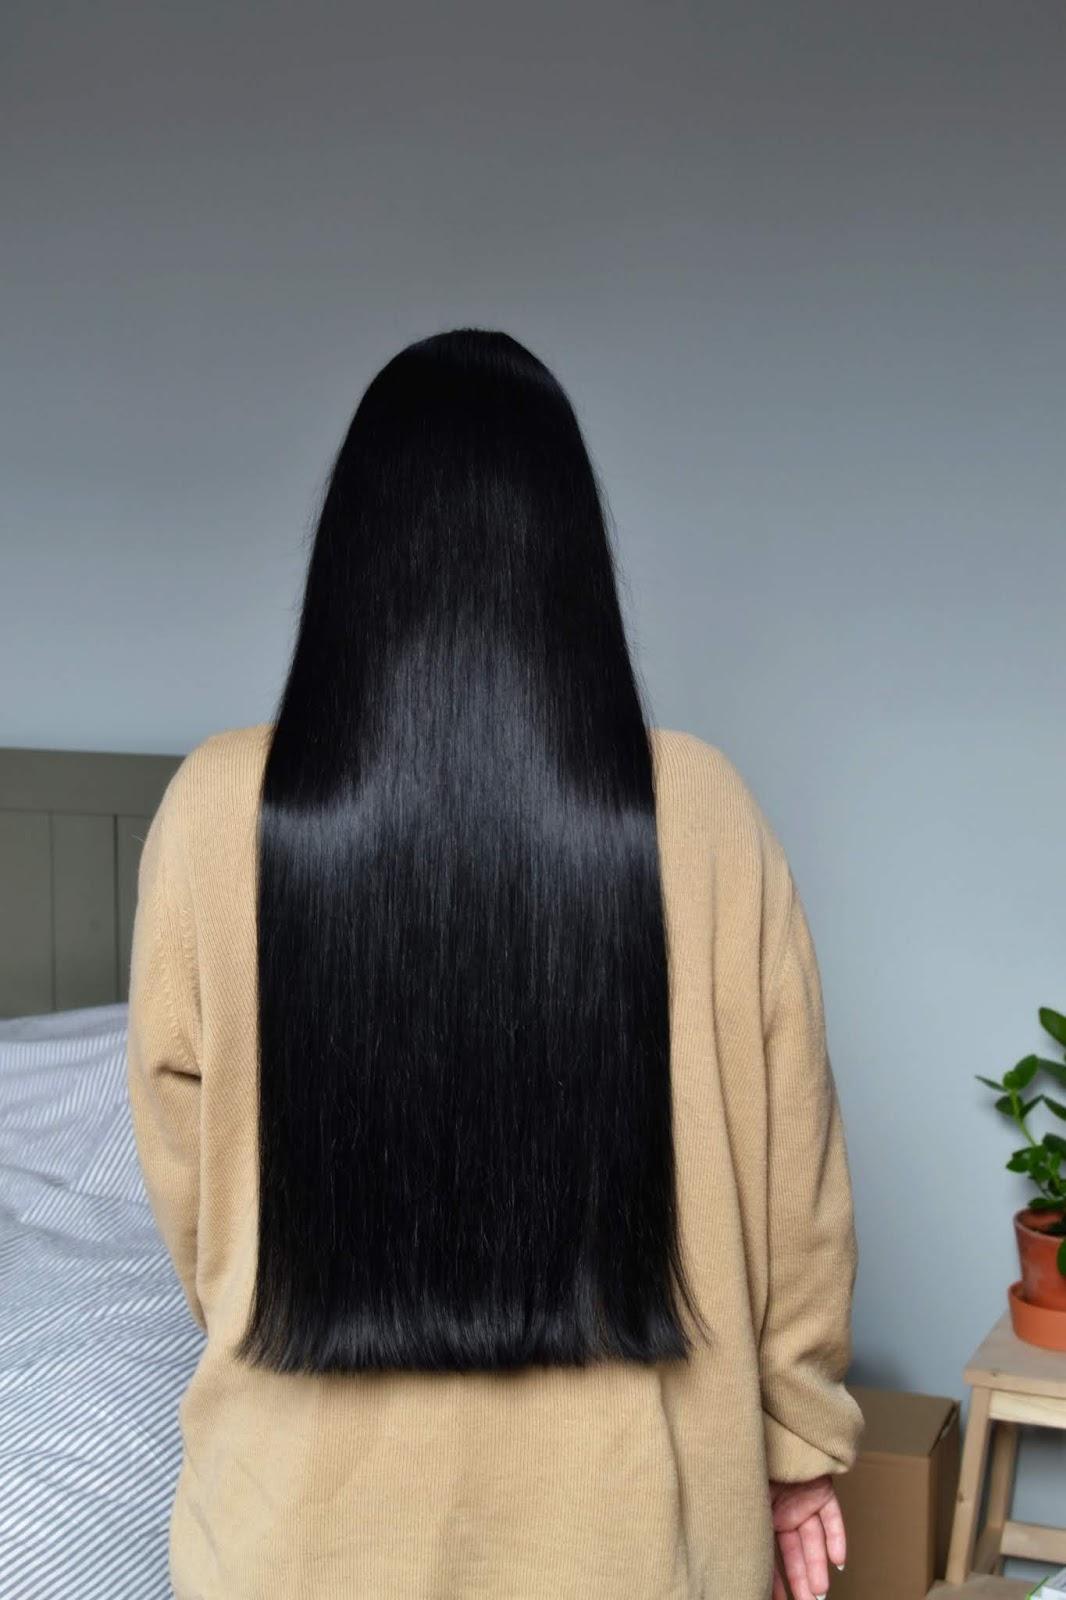 Wspólna Akcja Zagęszczania Włosów, efekty po pierwszym miesiącu